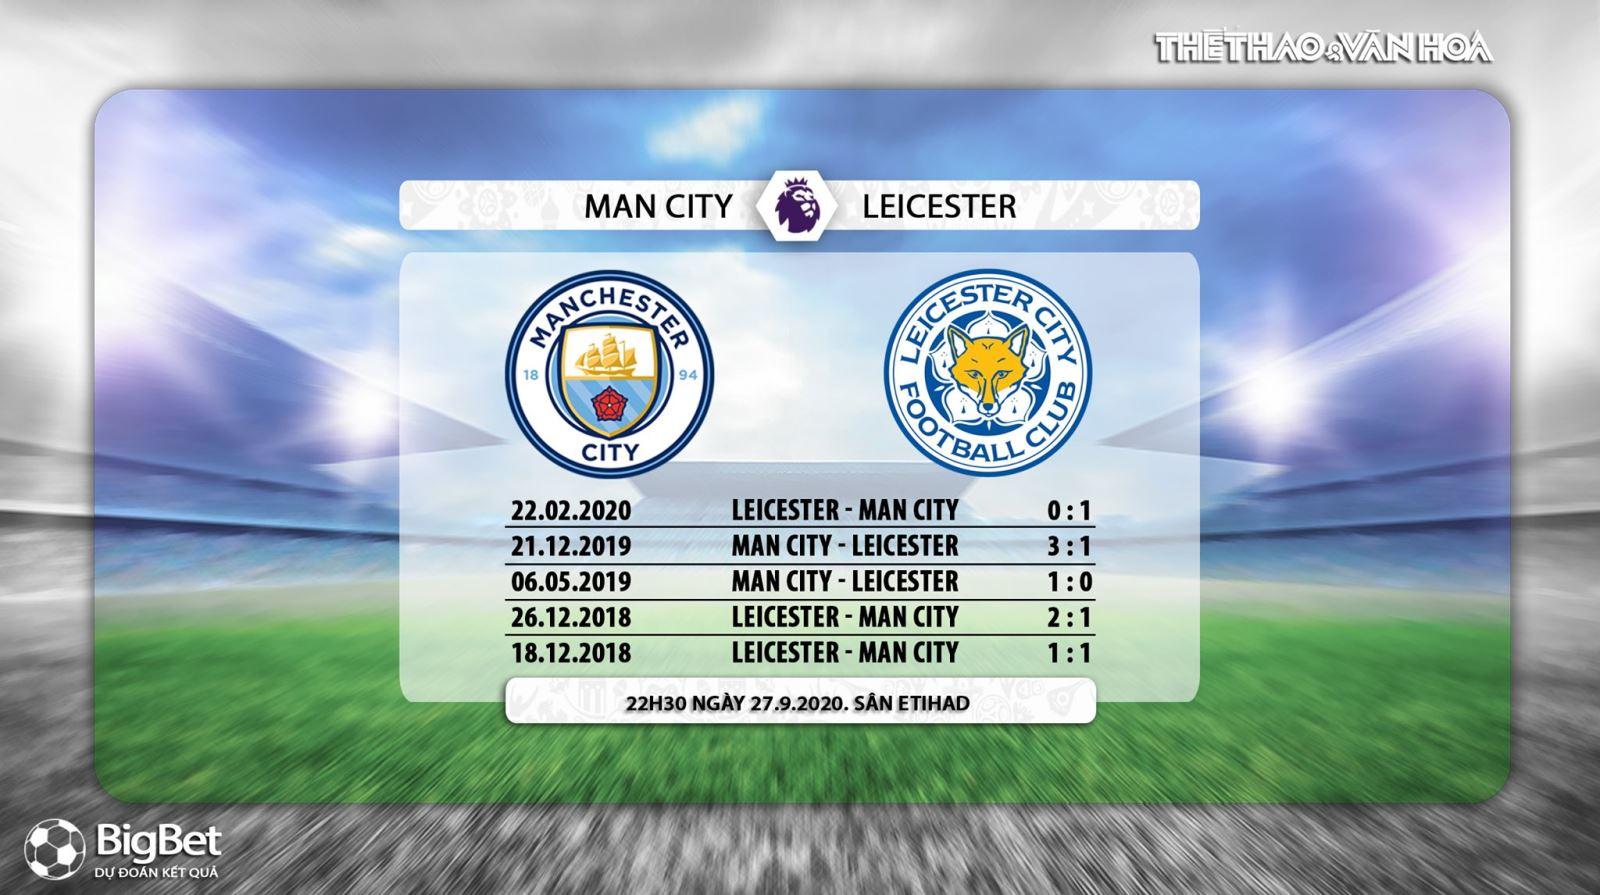 Truc tiep Man City dau voi Leicester, Trực tiếp bóng đá Anh, trực tiếp ngoại hạng Anh vòng 3, K+, K+PM, xem bóng đá trực tiếp Man City vs Leicester City, Man City